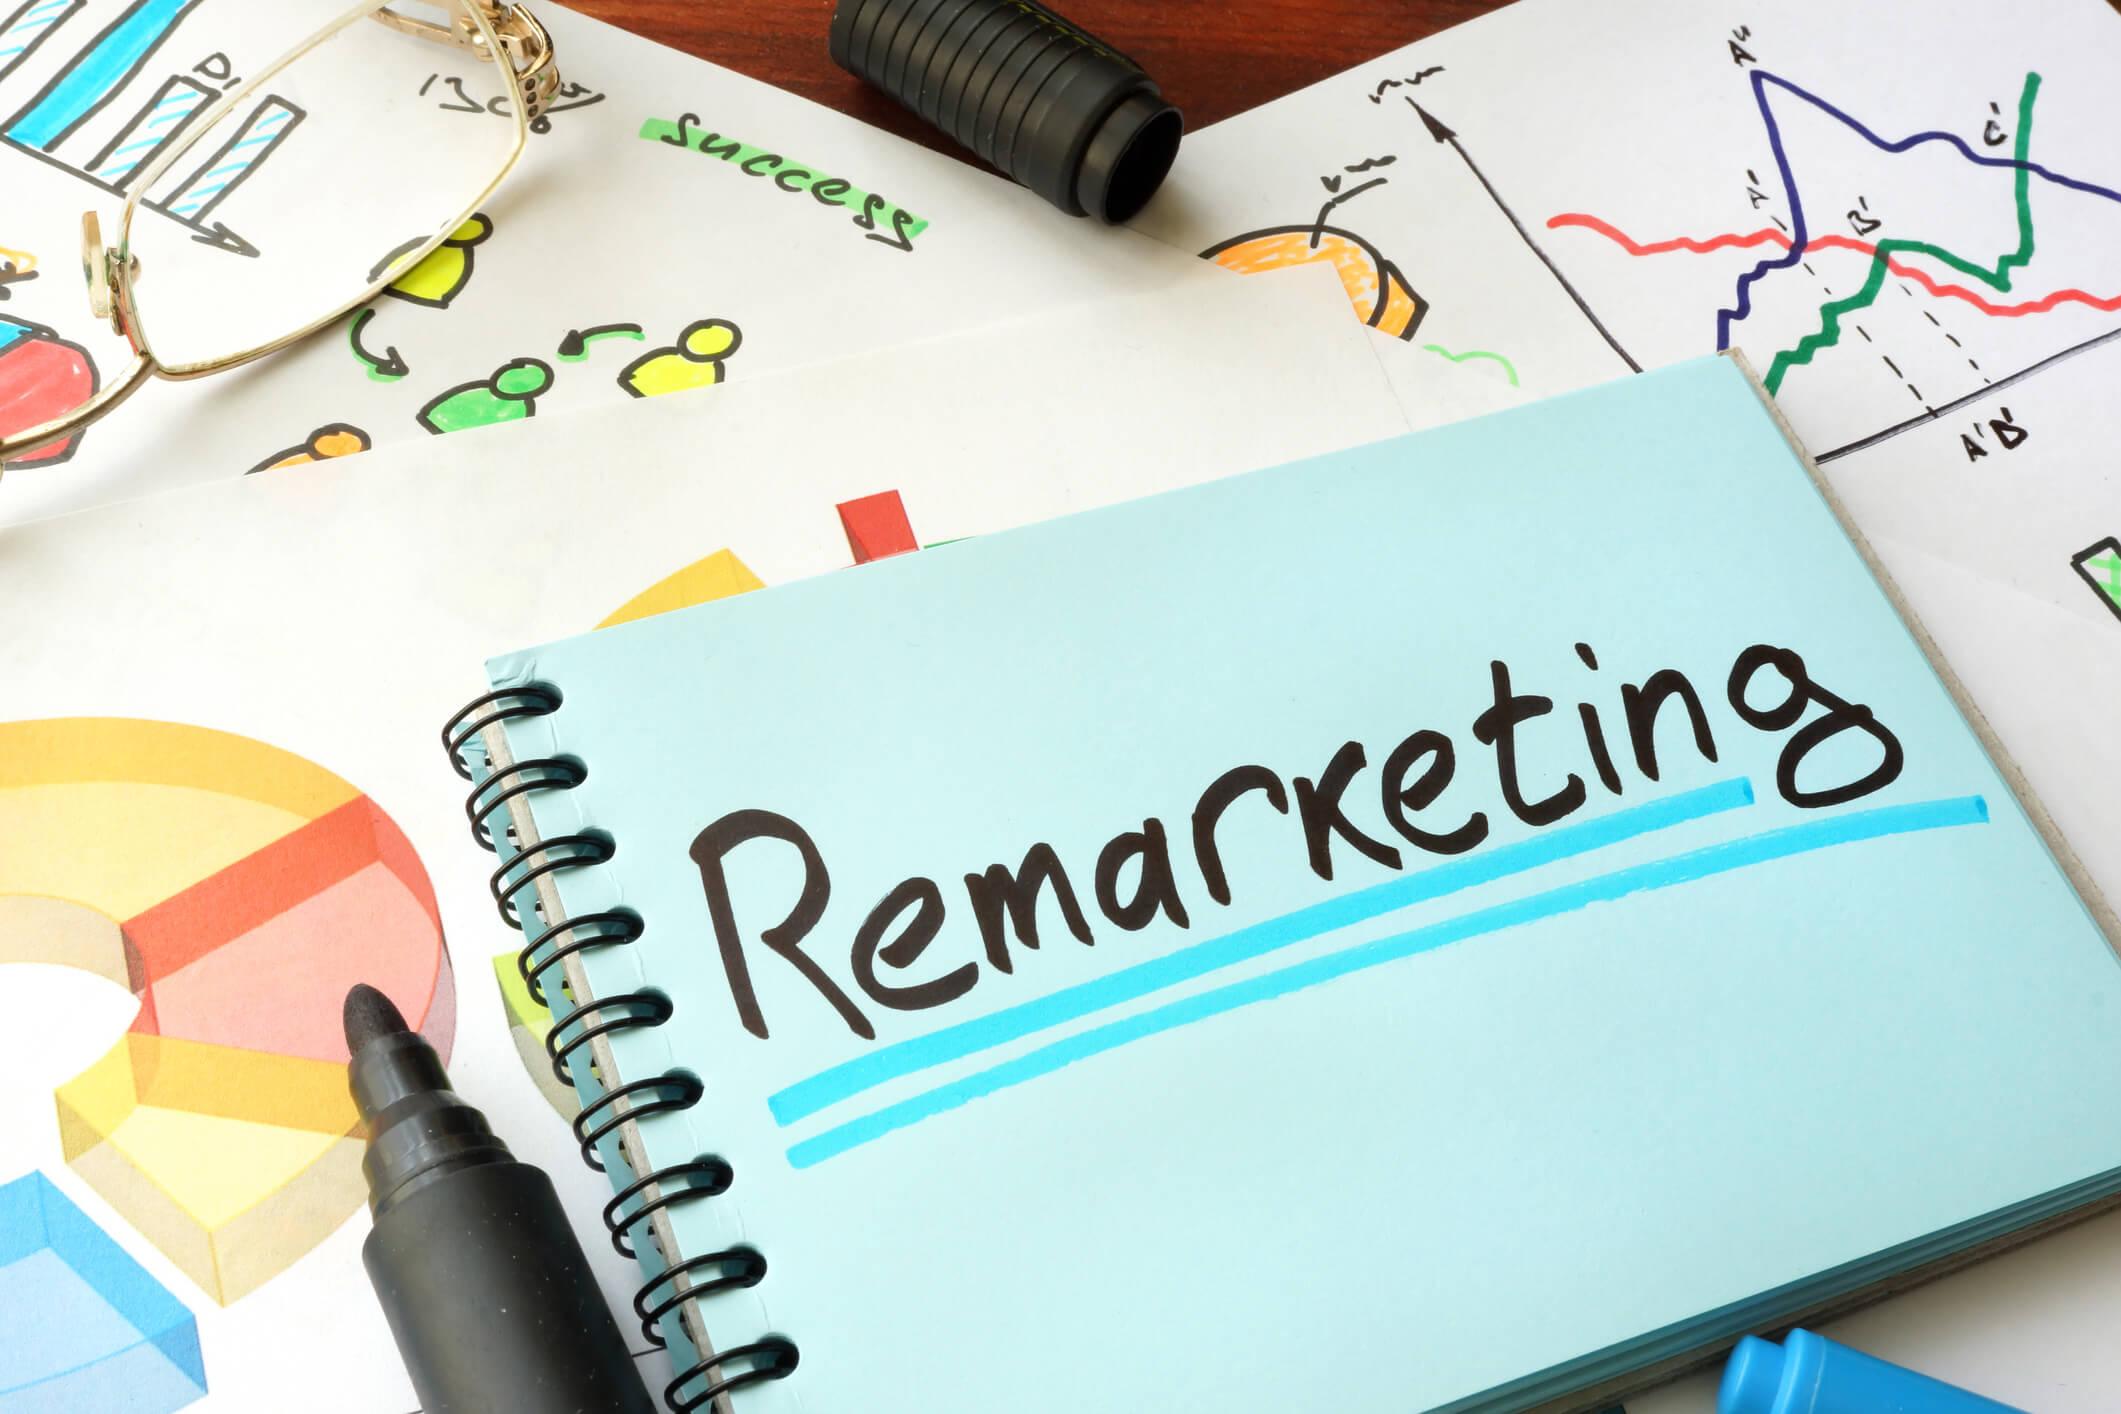 Você sabe o que é remarketing? Ele pode ajudar o seu negócio